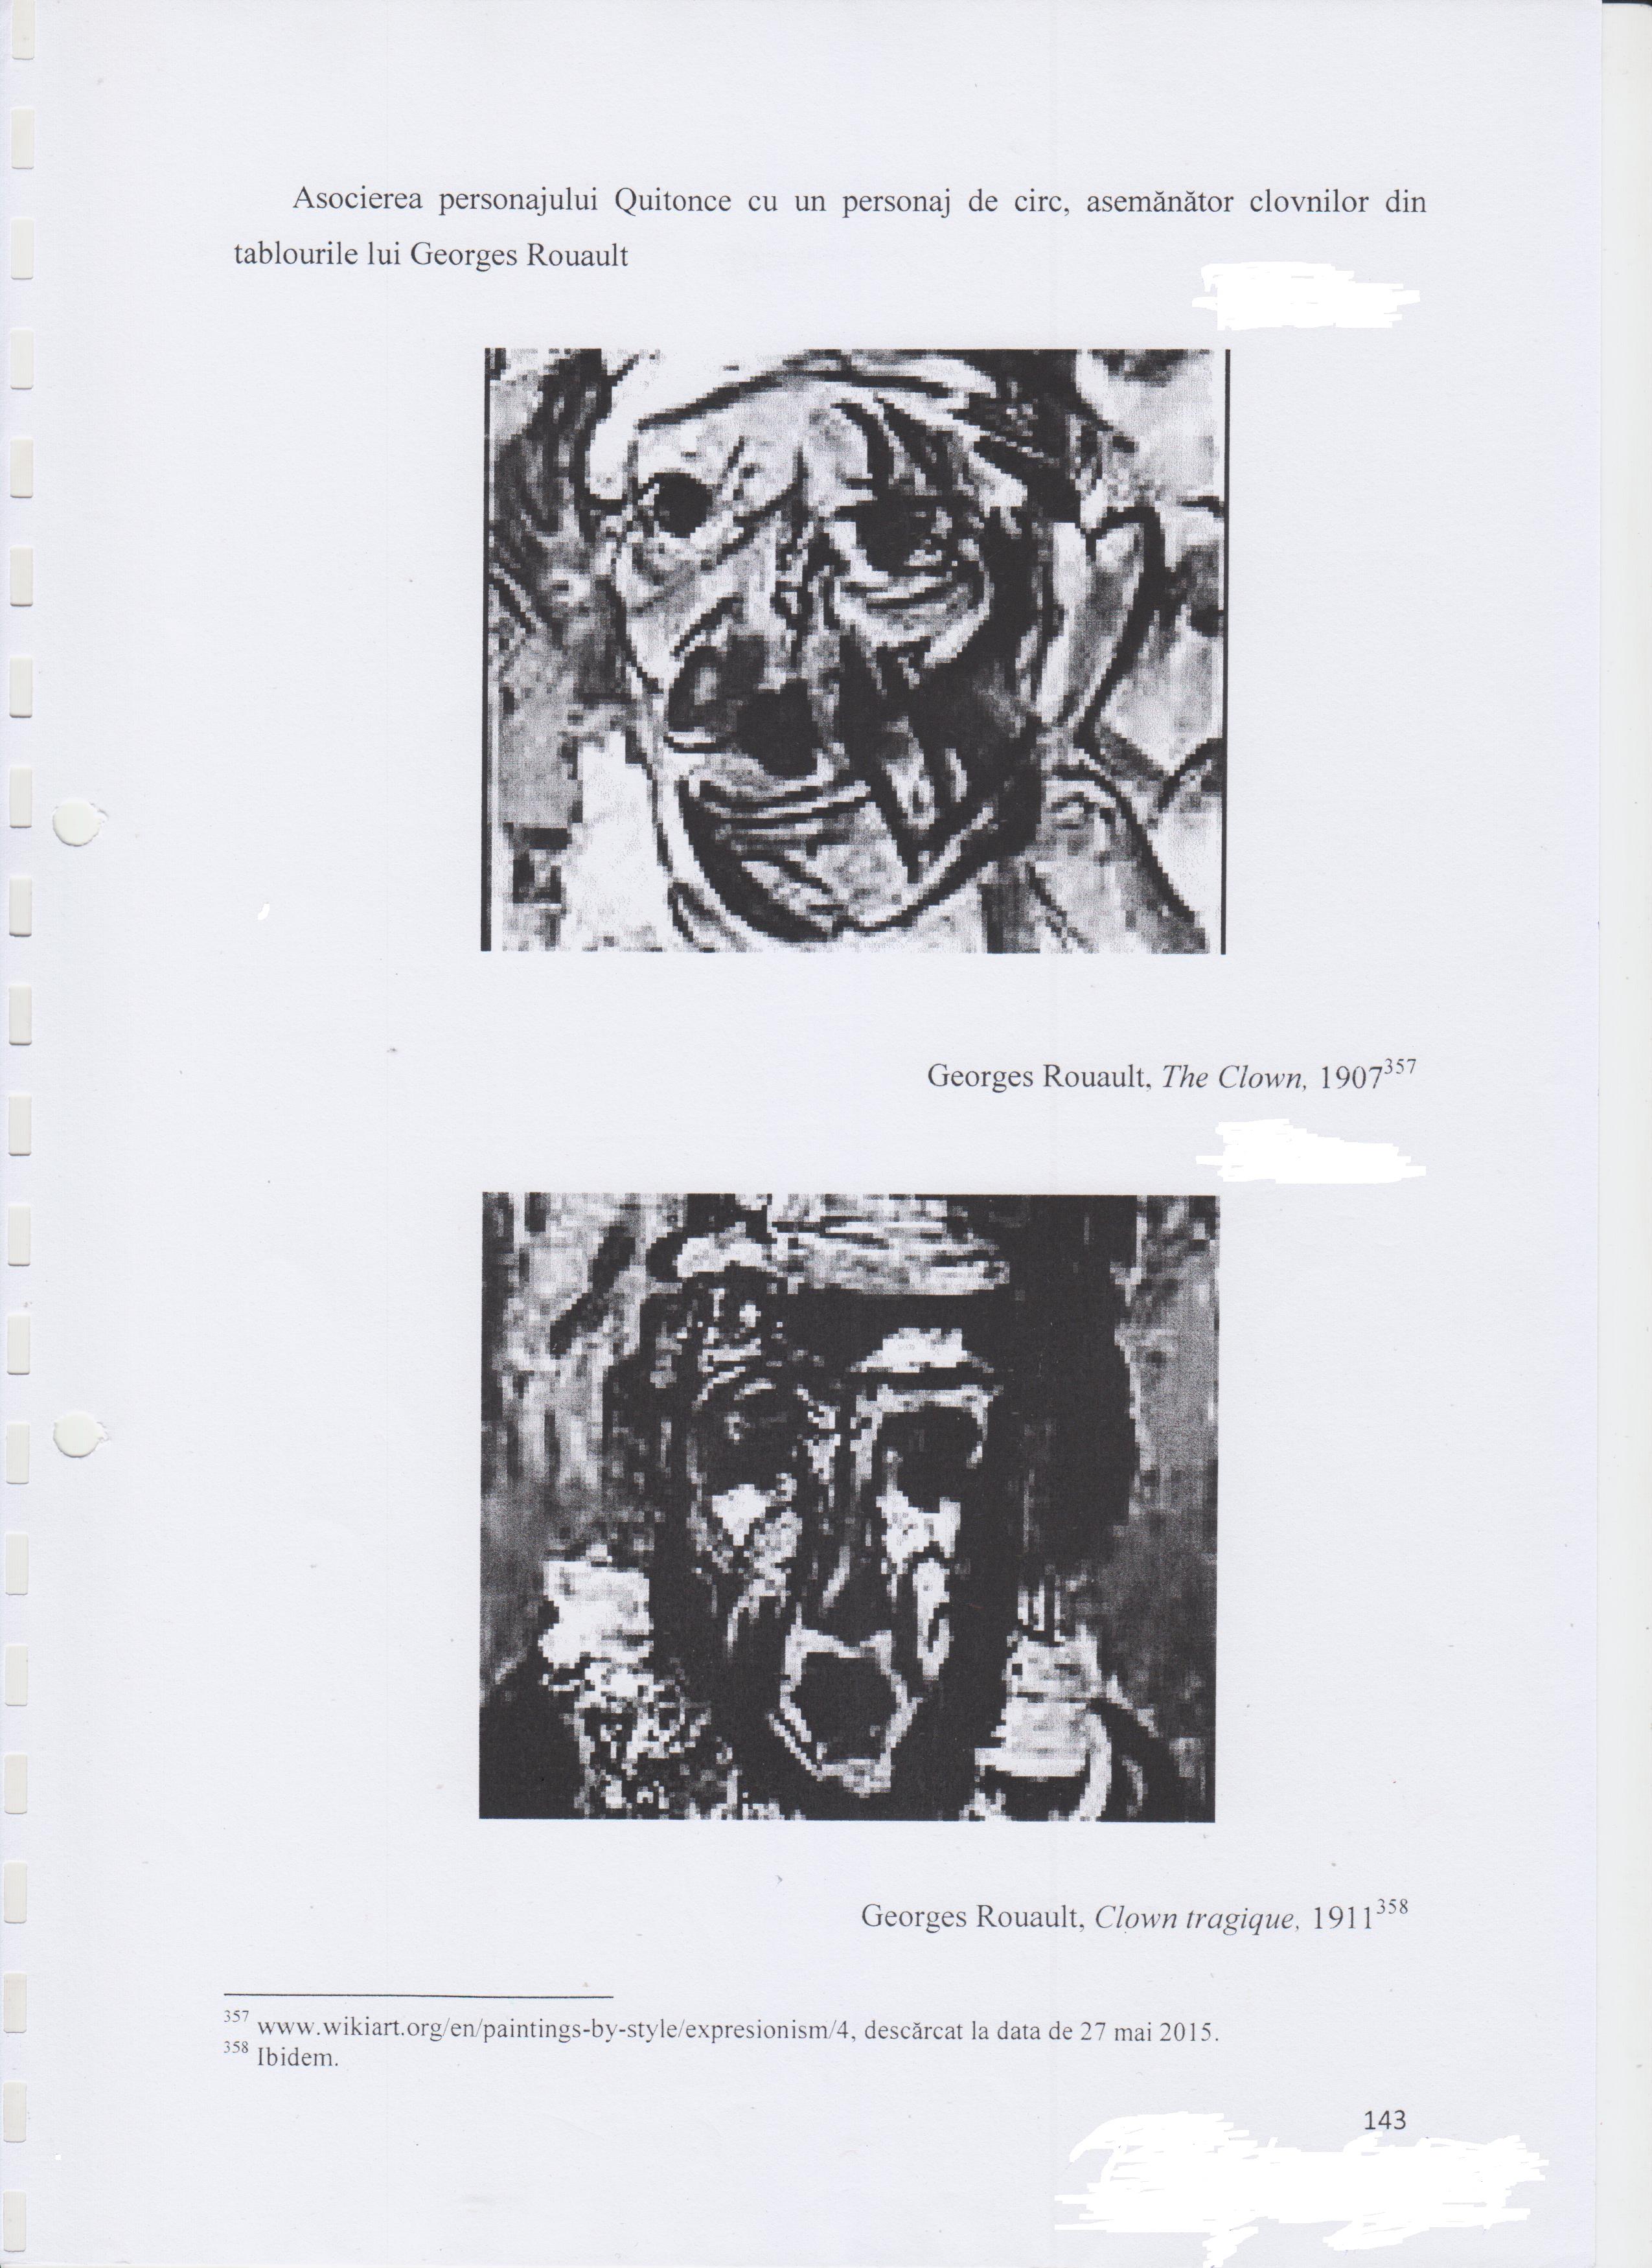 În asemenea hal arată o pagină (143) pentru cercetarea subiectului ales. Remarcați spațiile lăsate între marginile paginii și fotografii și, de asemenea, cele dintre fotografii și explicațiile la acestea! Cele 200 de pagini ale lucrării trebuiau acoperite cu ceva! Și ca aceasta mai sunt zeci de pagini!